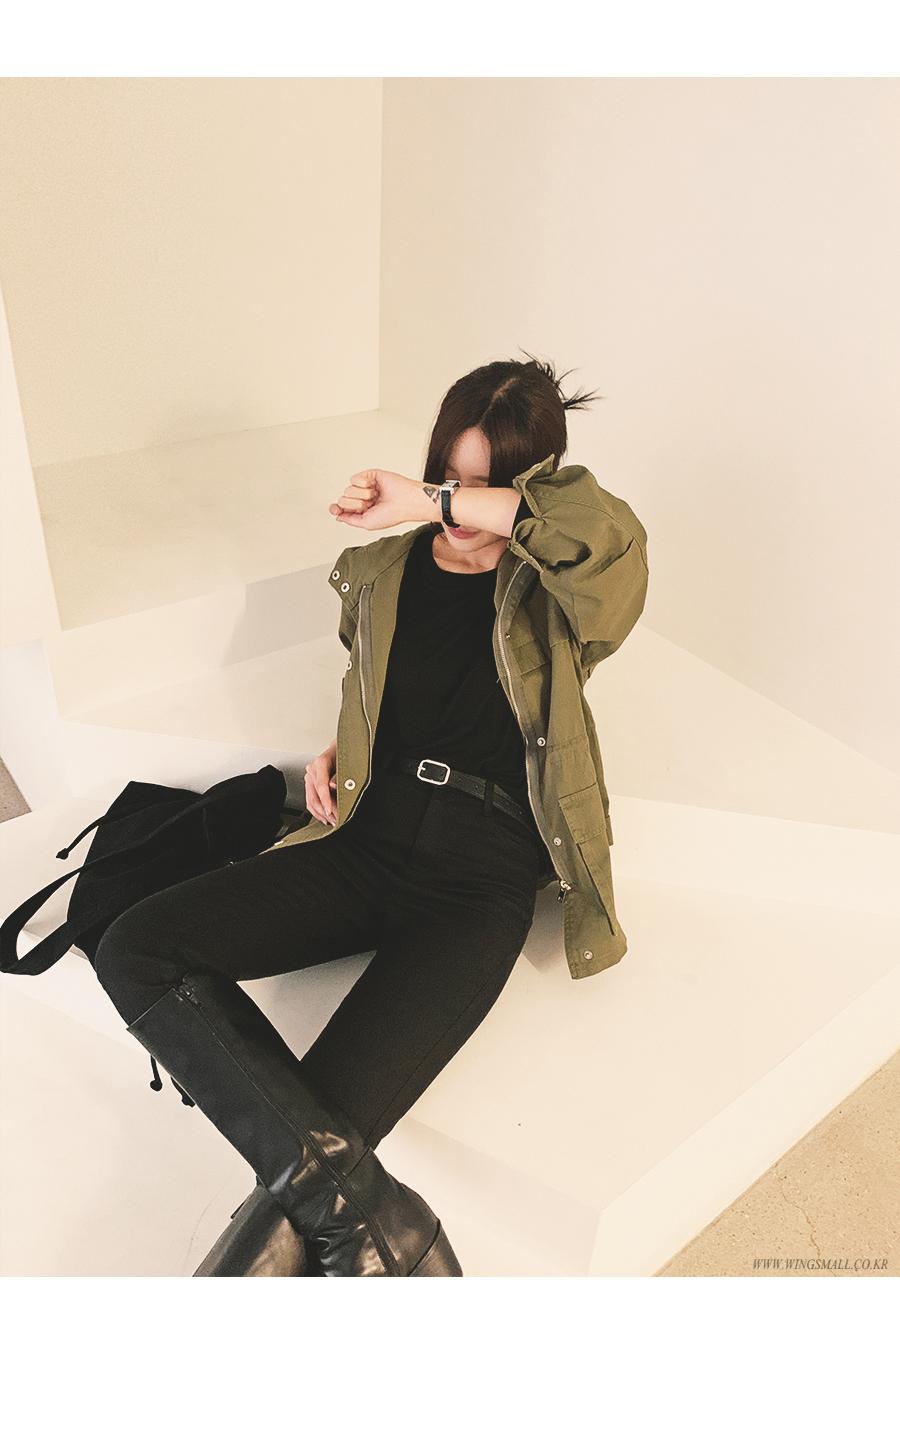 jacket model image-S5L6